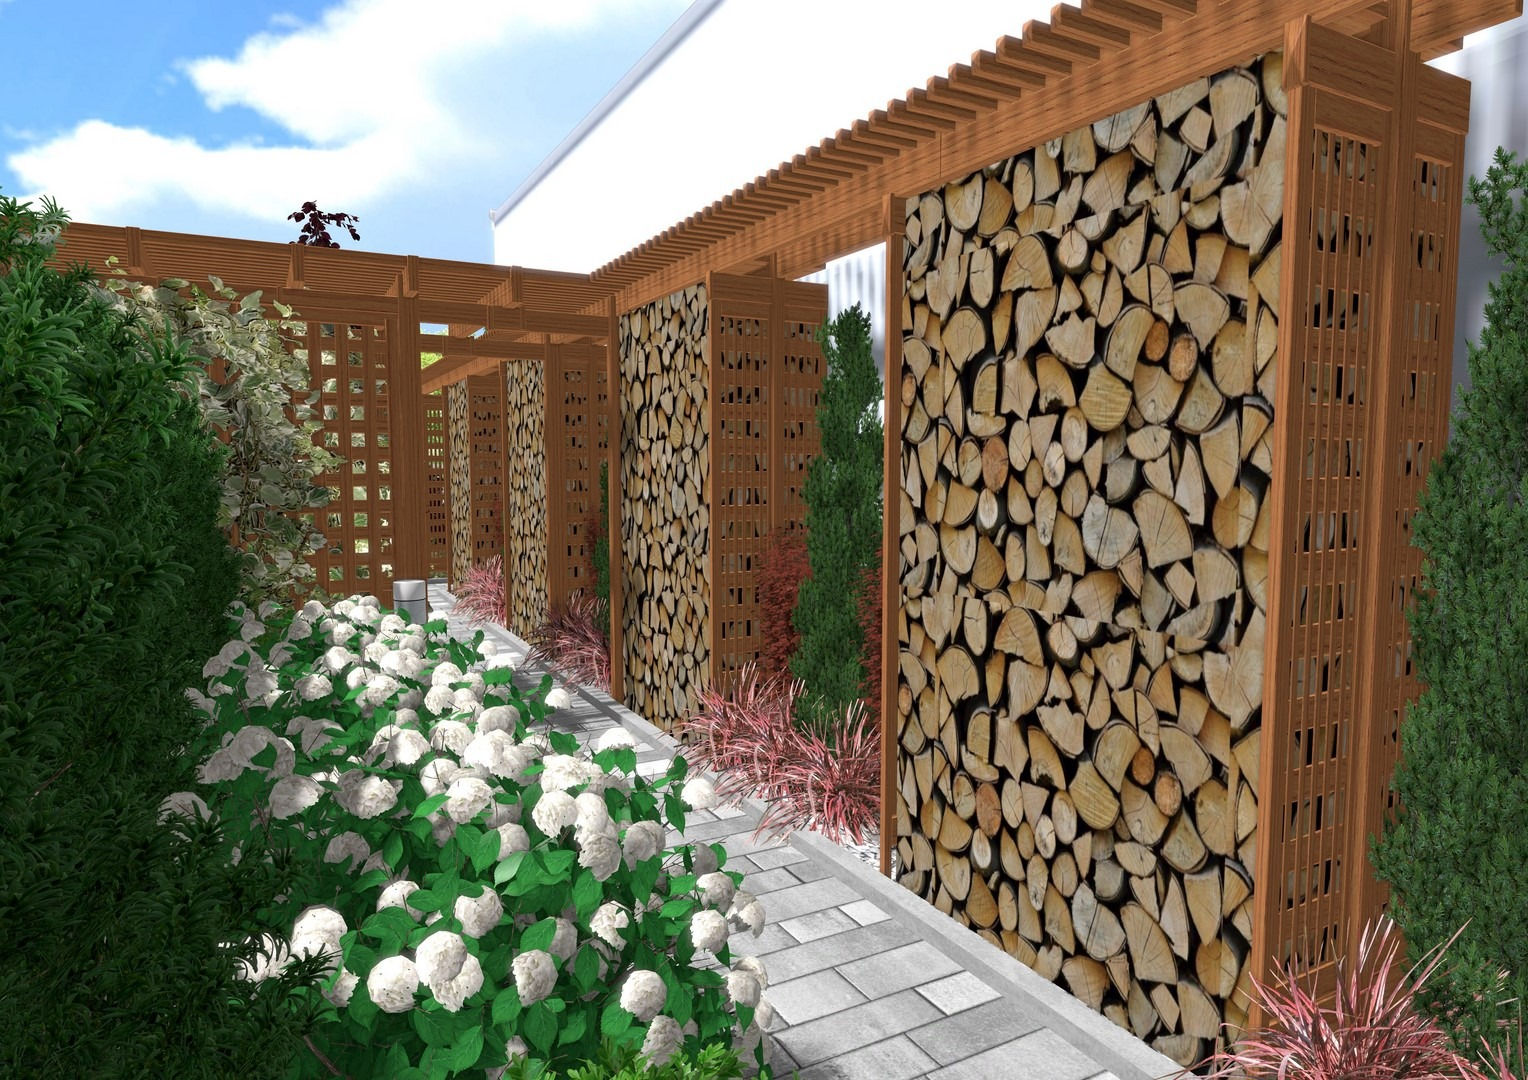 wizualizacja-szkic-ogrody-wizualizacja